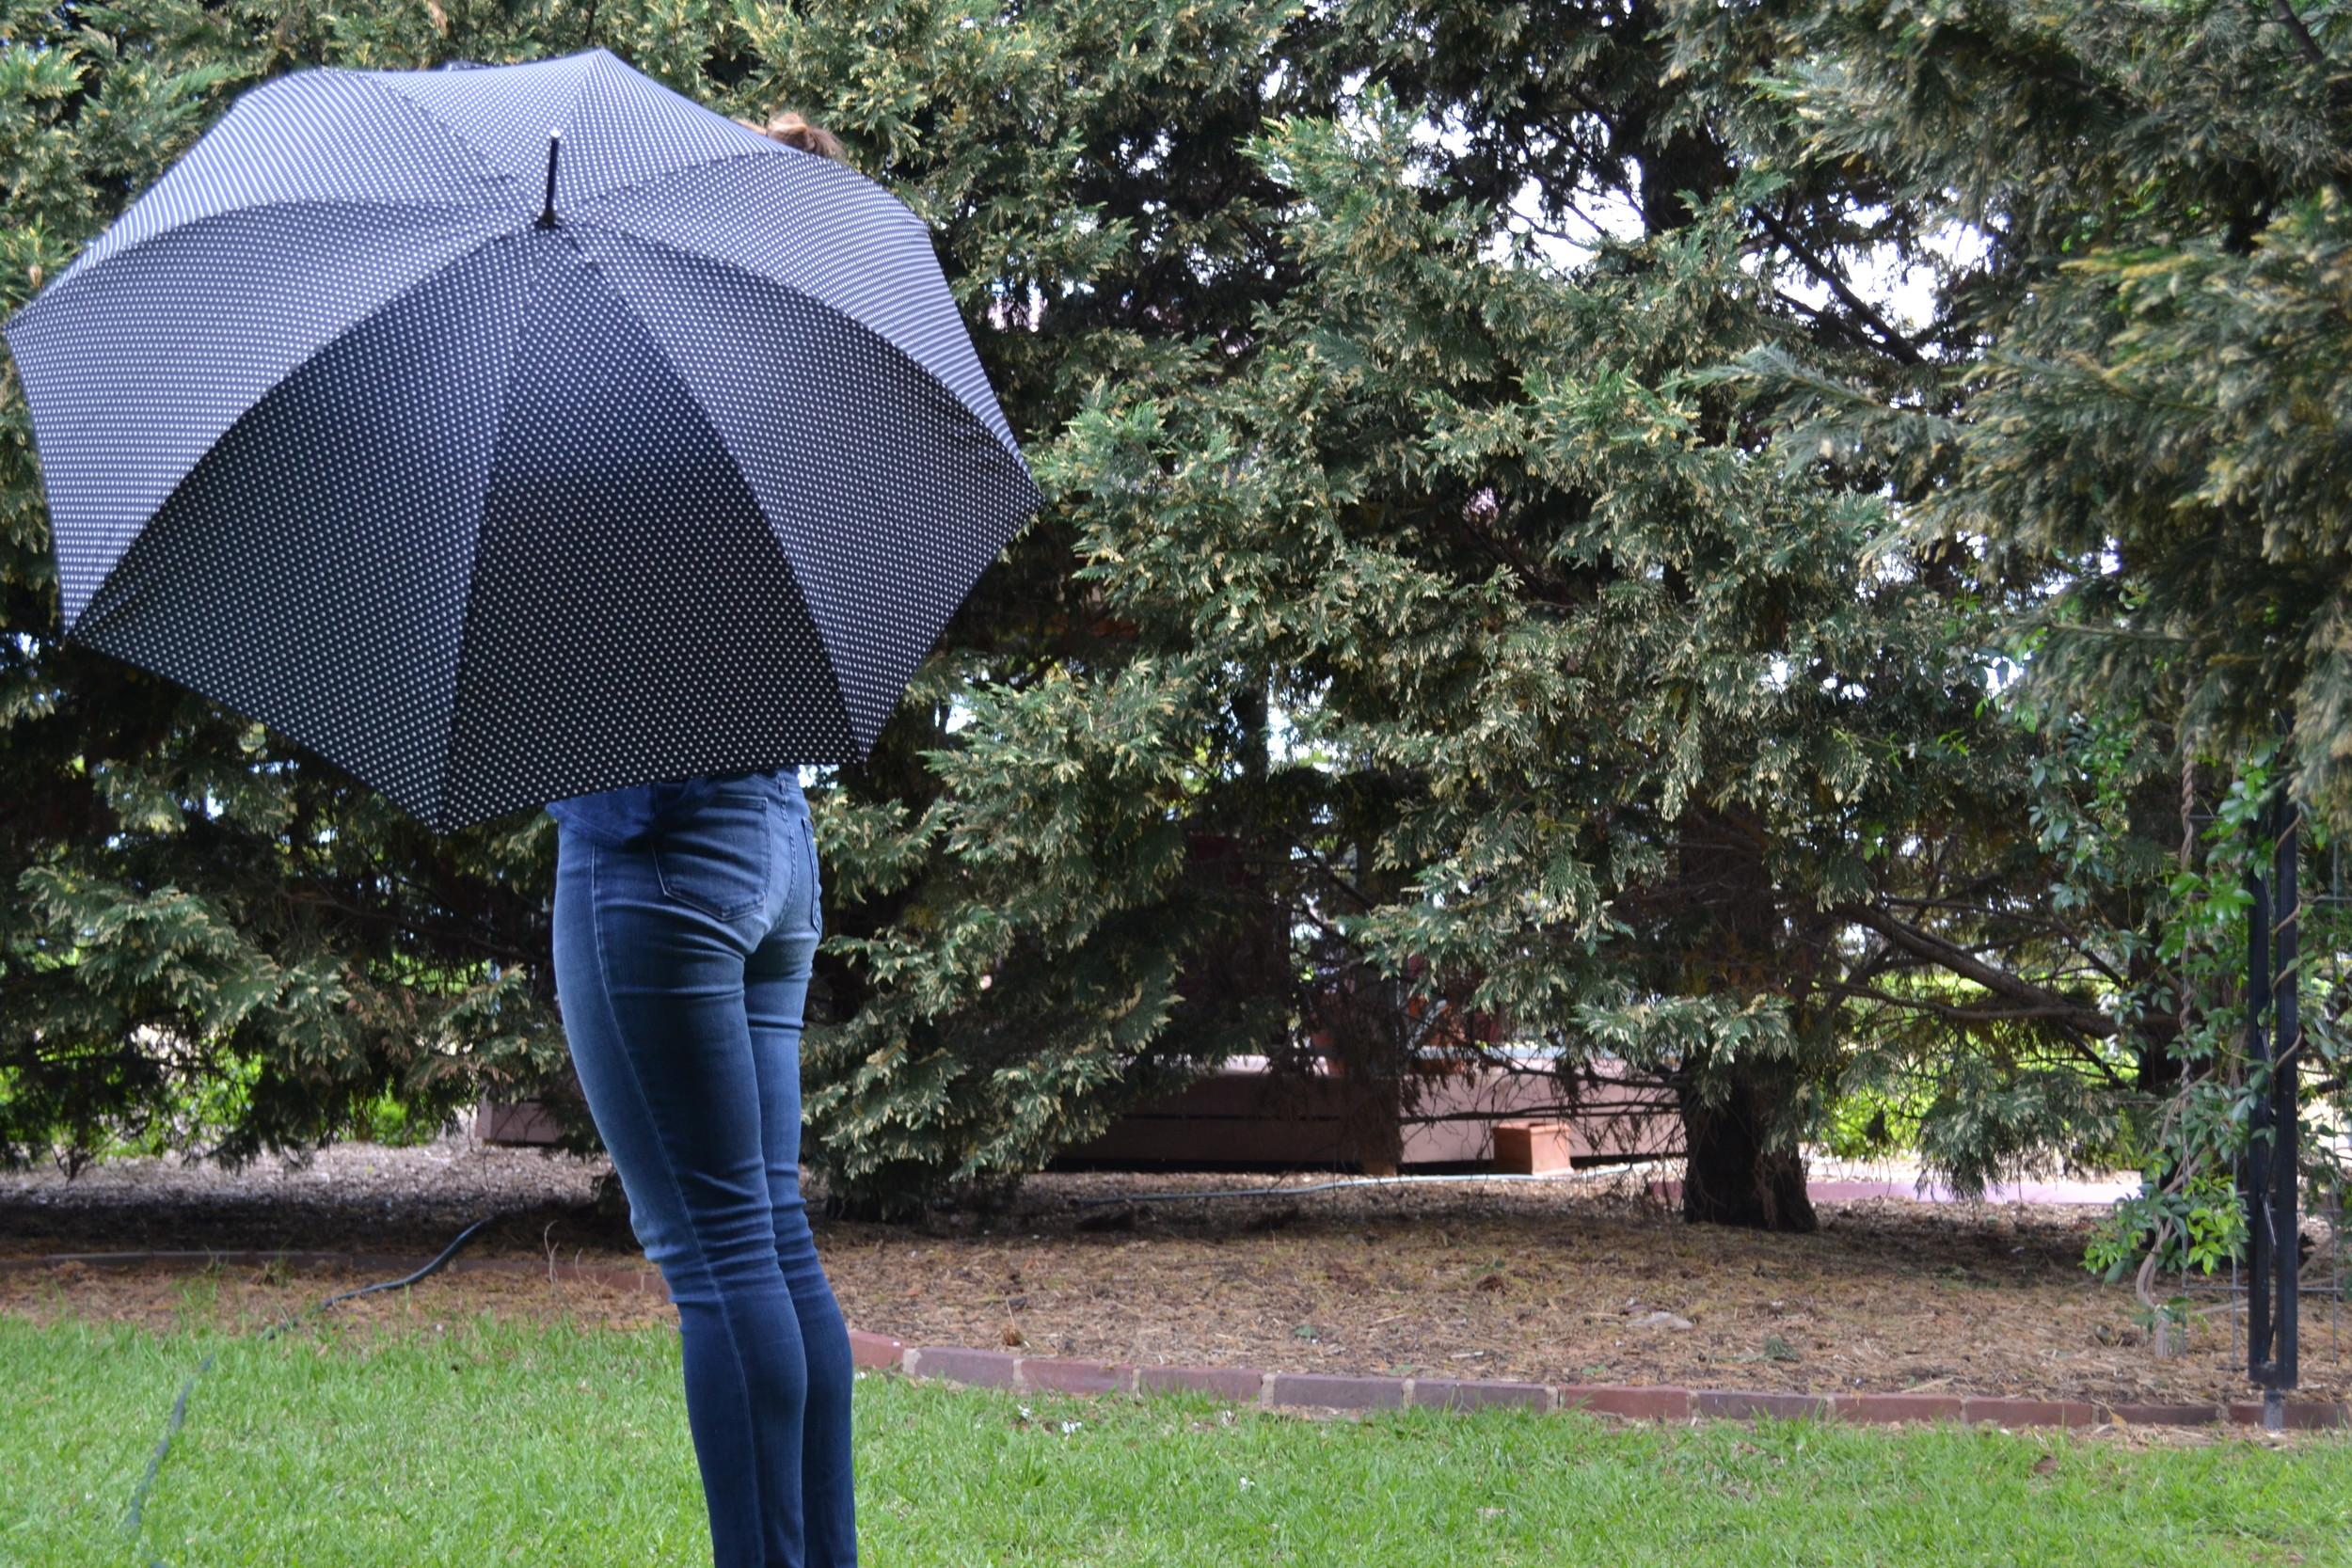 blue-polka-dot-umbrella-garden-jeans